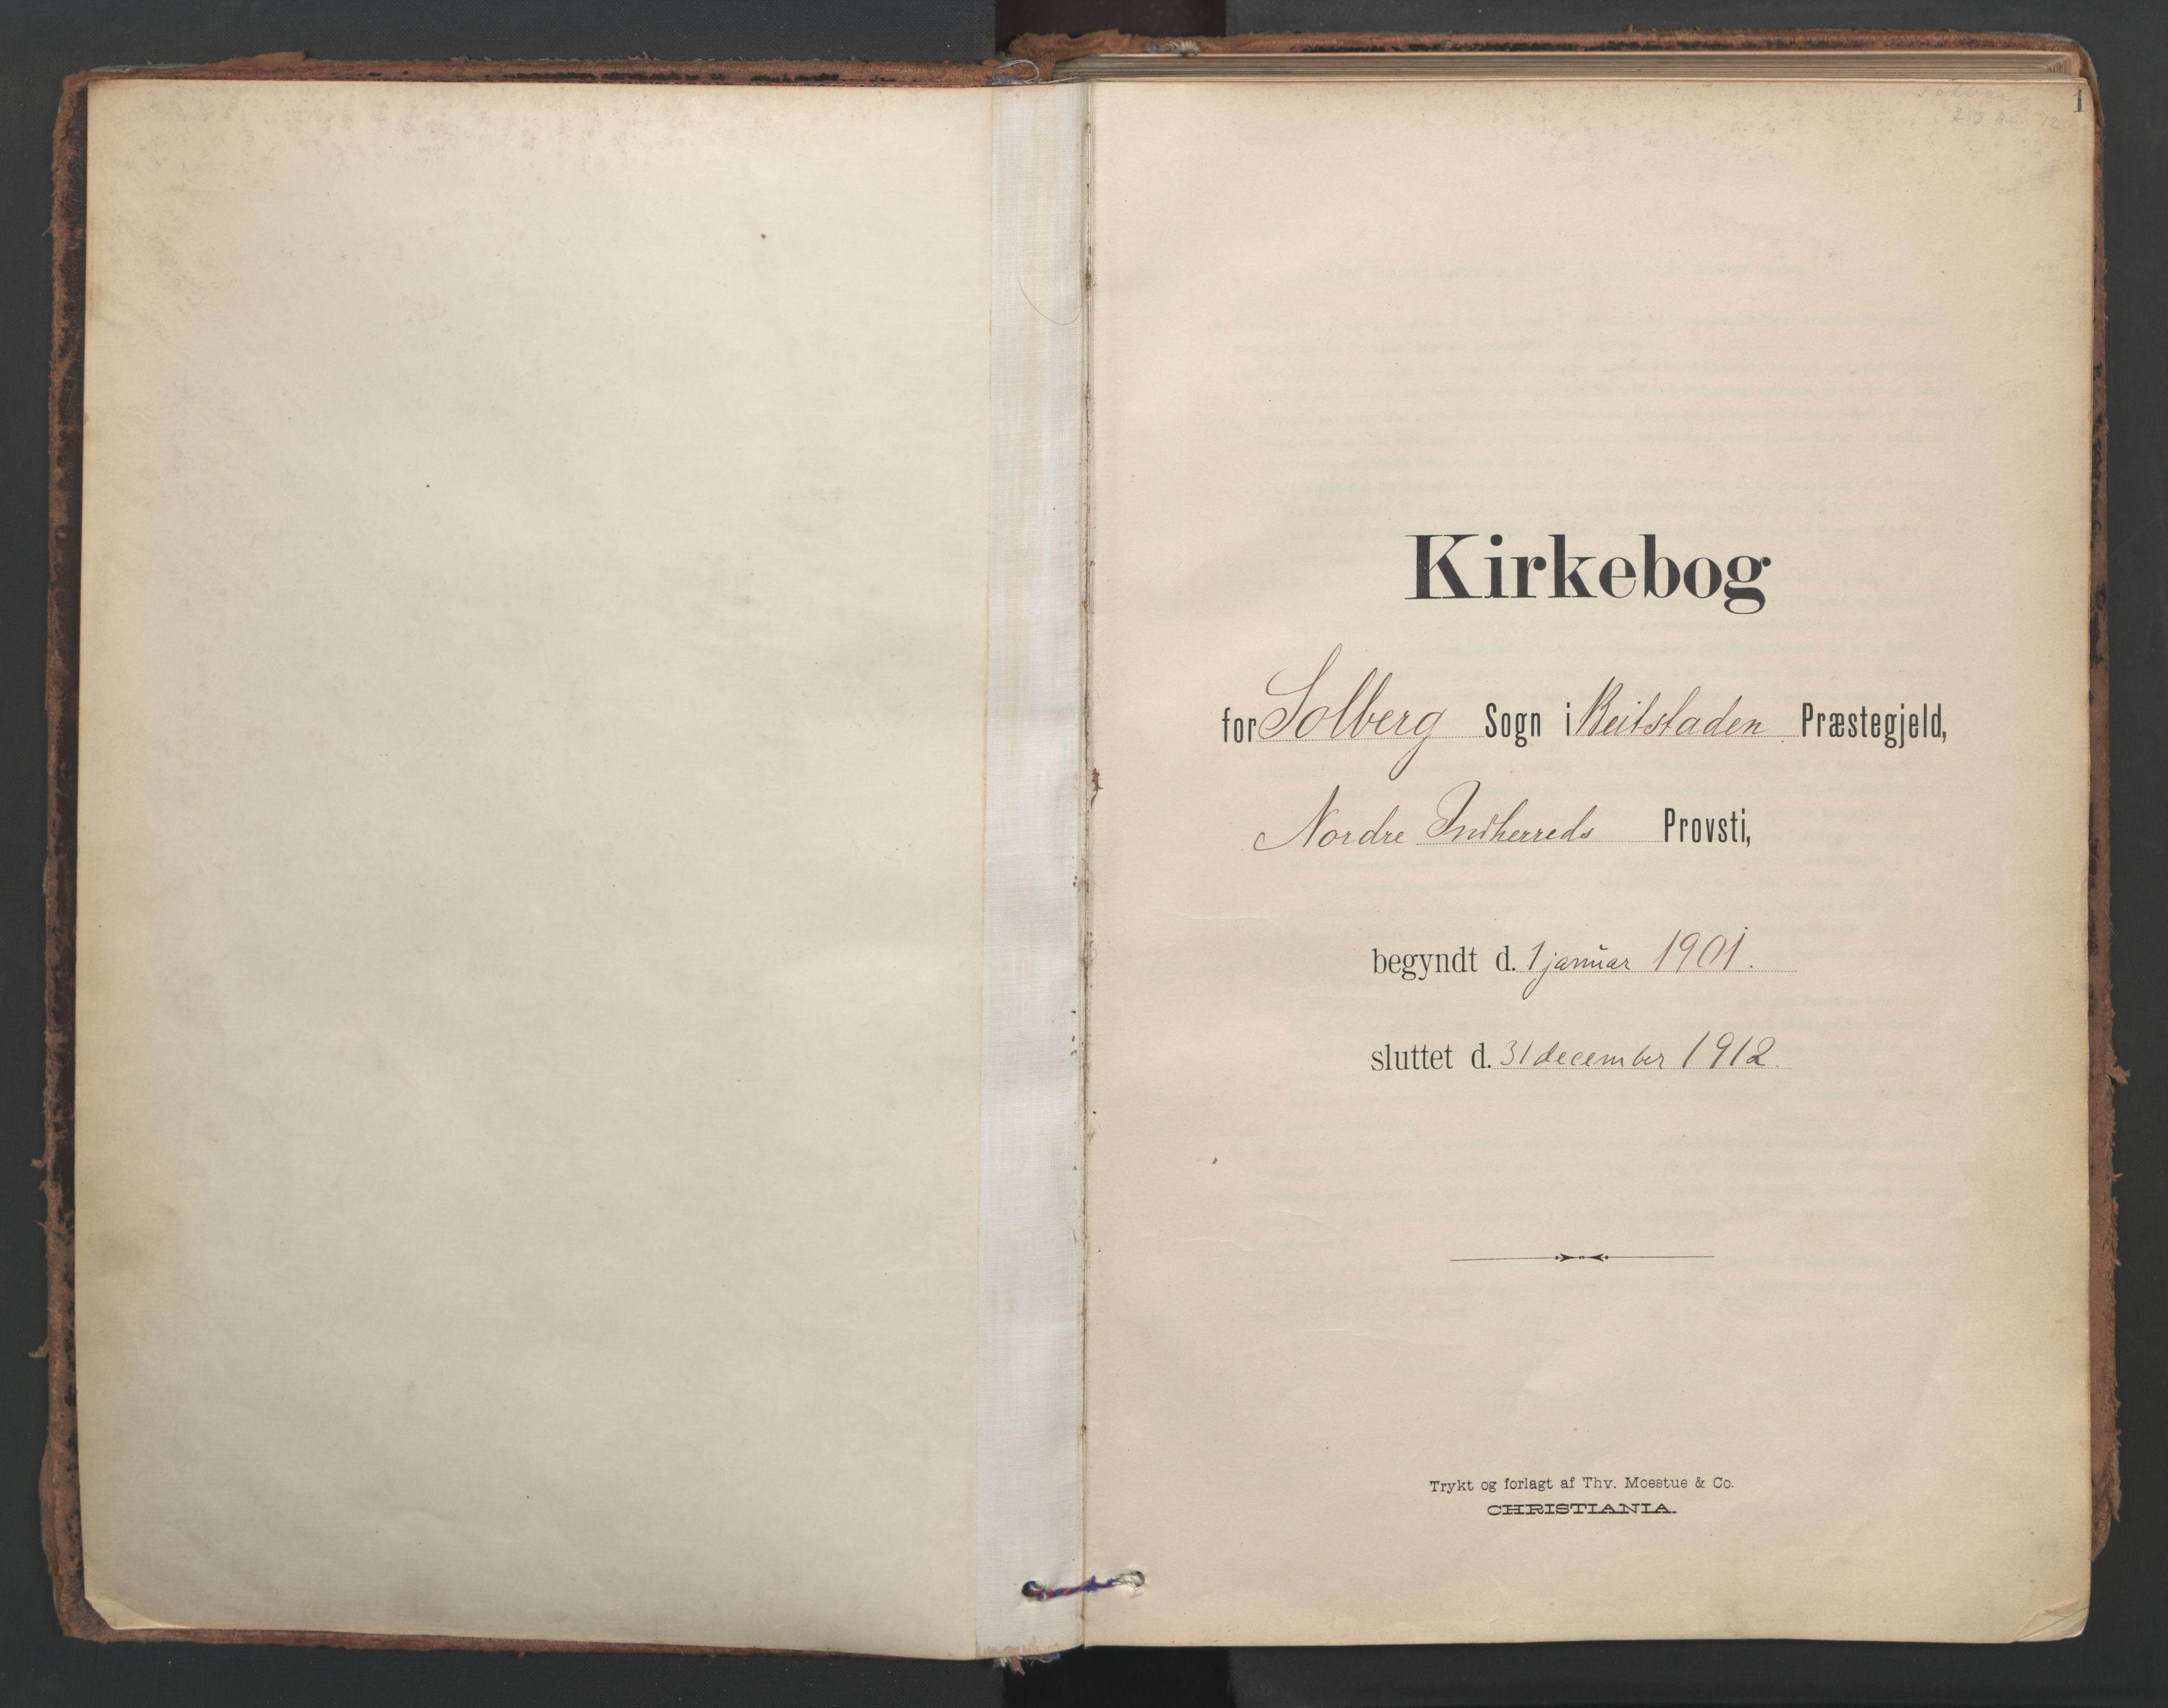 SAT, Ministerialprotokoller, klokkerbøker og fødselsregistre - Nord-Trøndelag, 741/L0397: Ministerialbok nr. 741A11, 1901-1911, s. 1